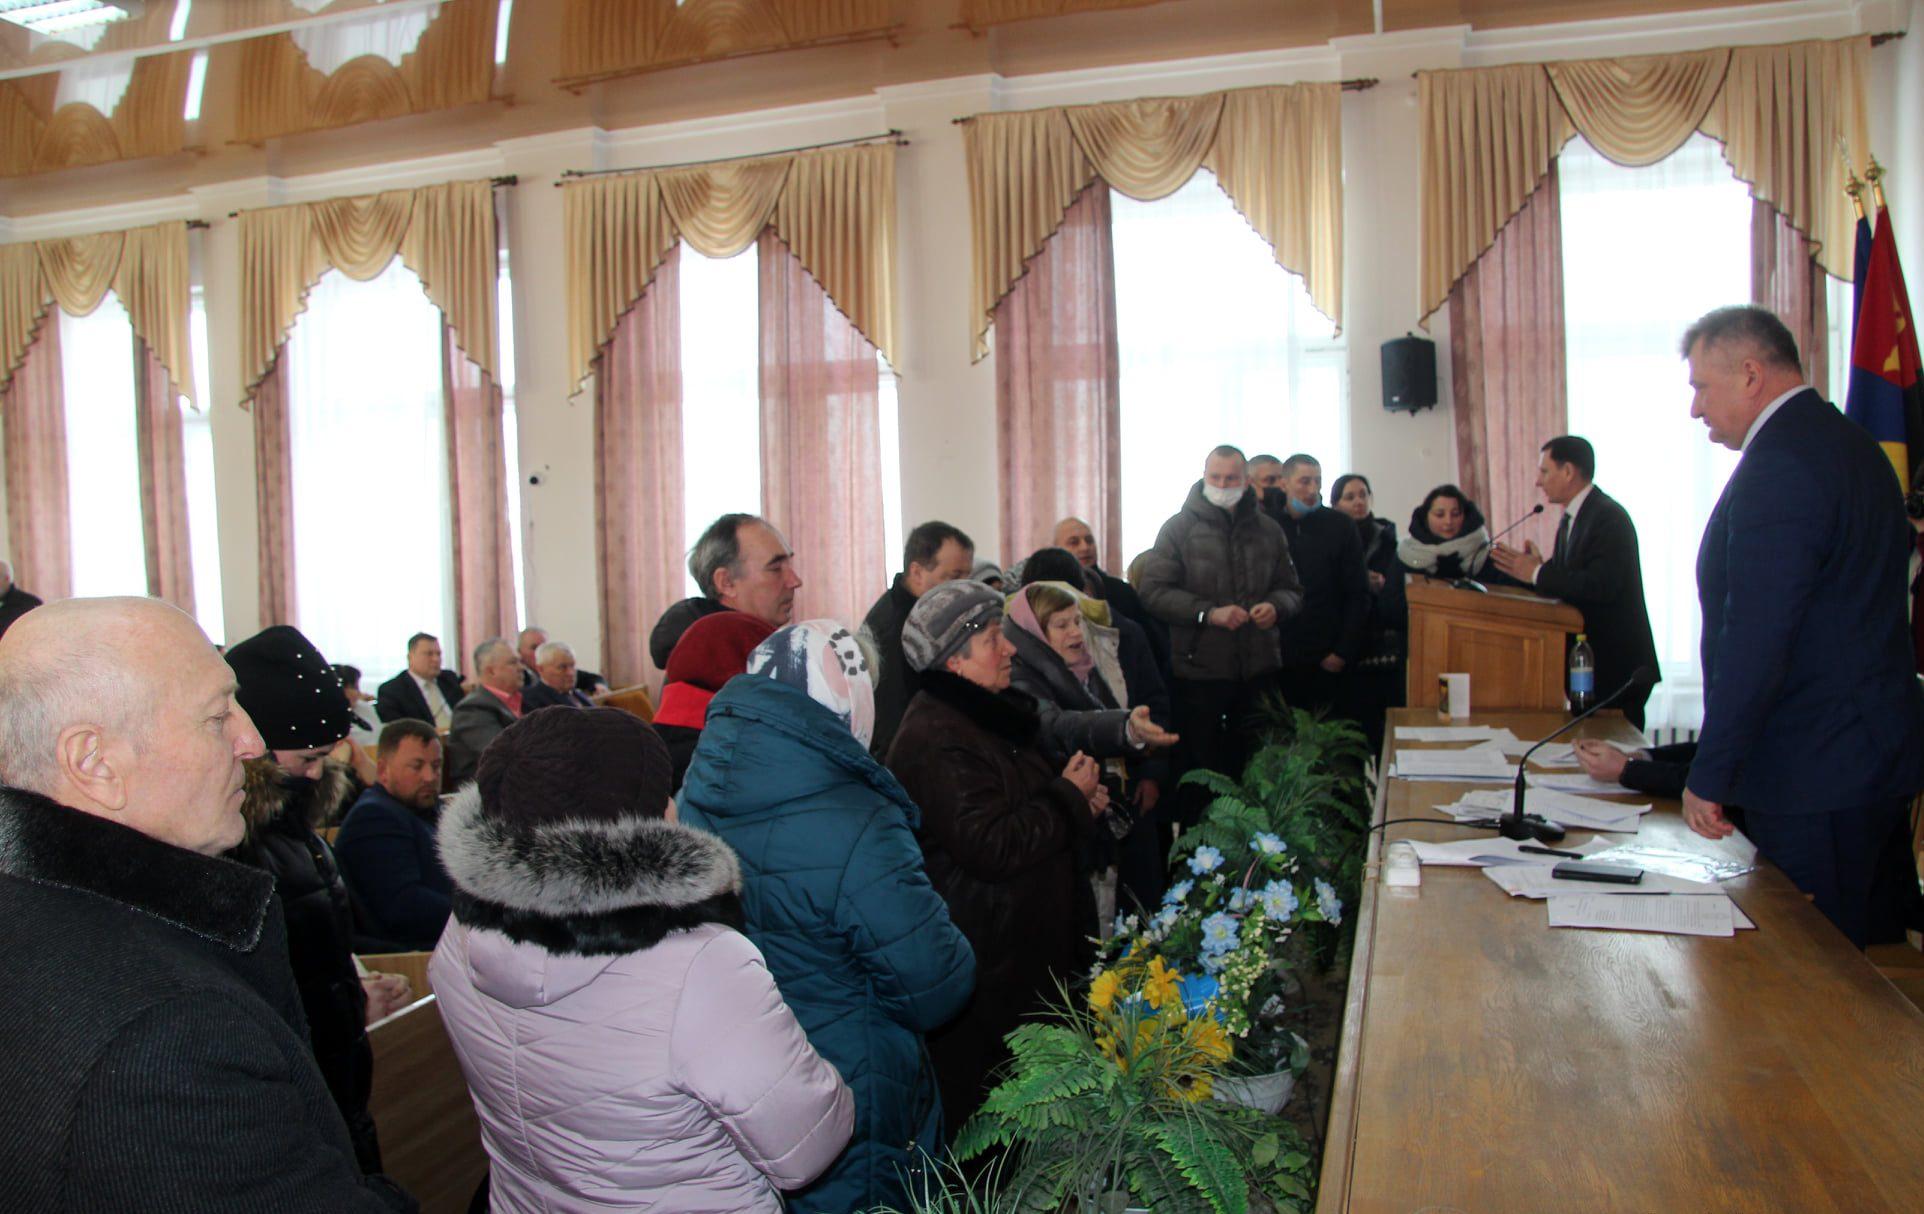 Дискусії, звинувачення та блокування трибуни на сесії Сокальської міської ради – як результат – Волицька громада і далі без старости